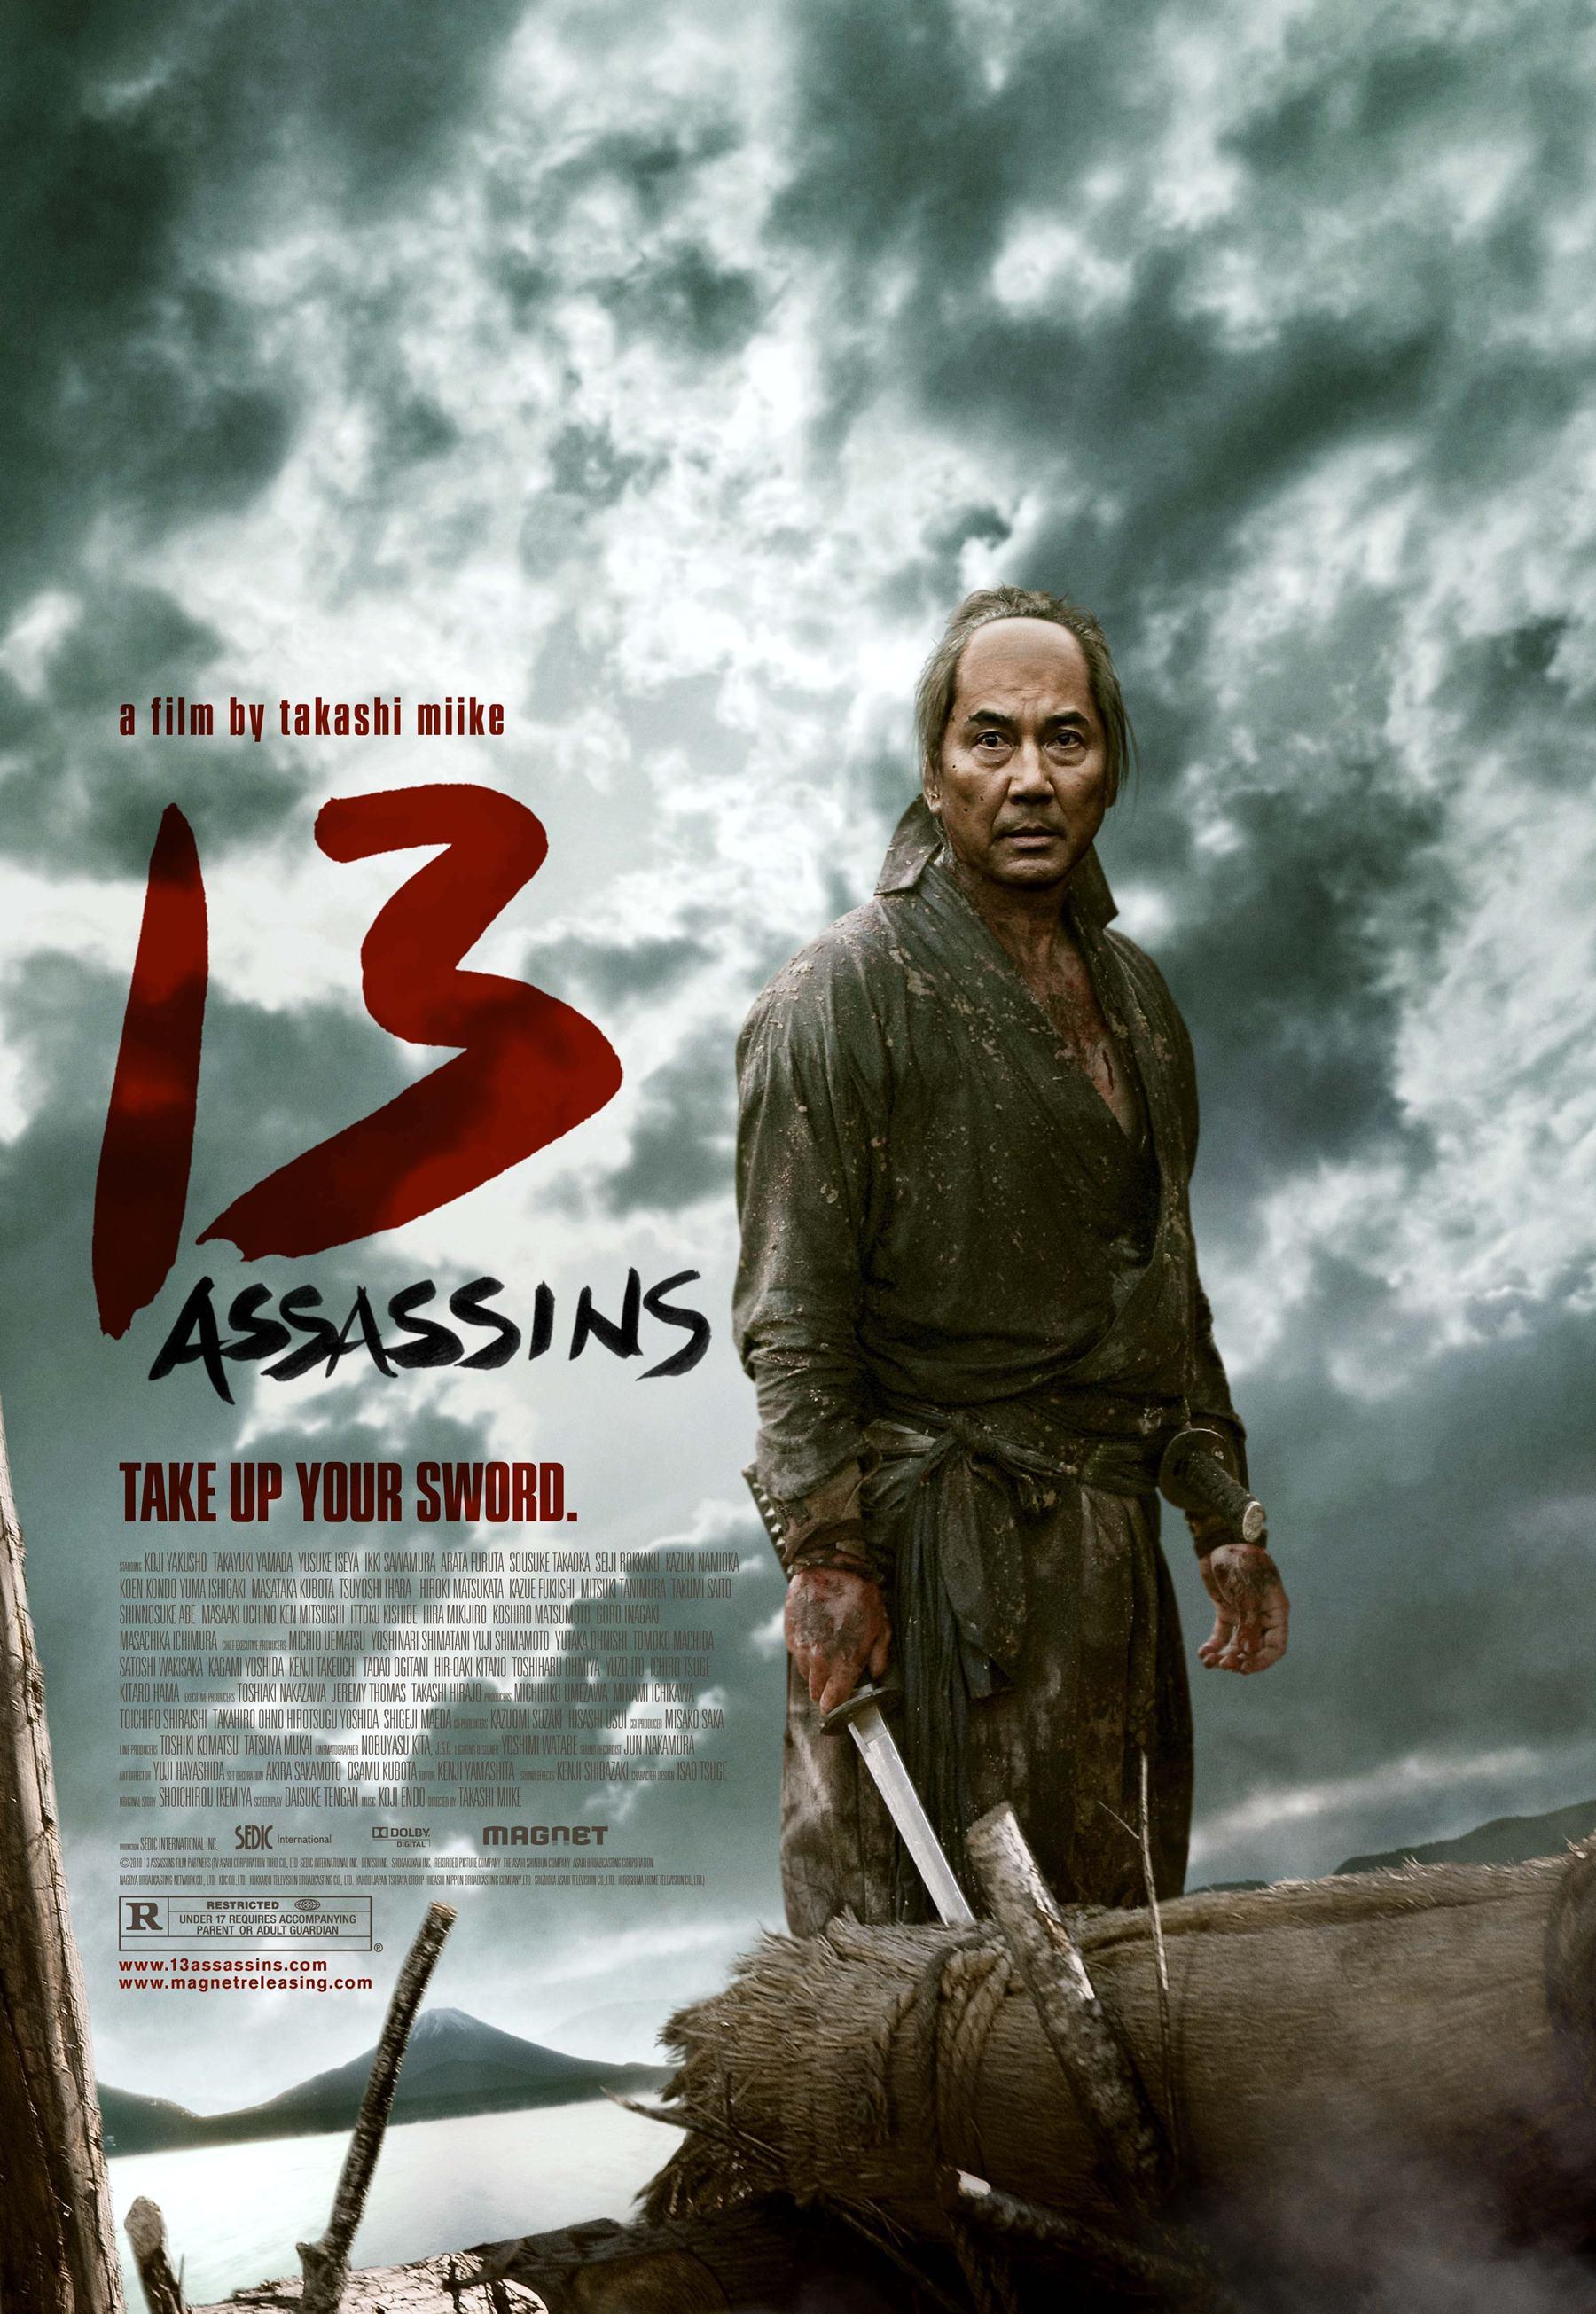 13 assassins 2010 review cityonfirecom